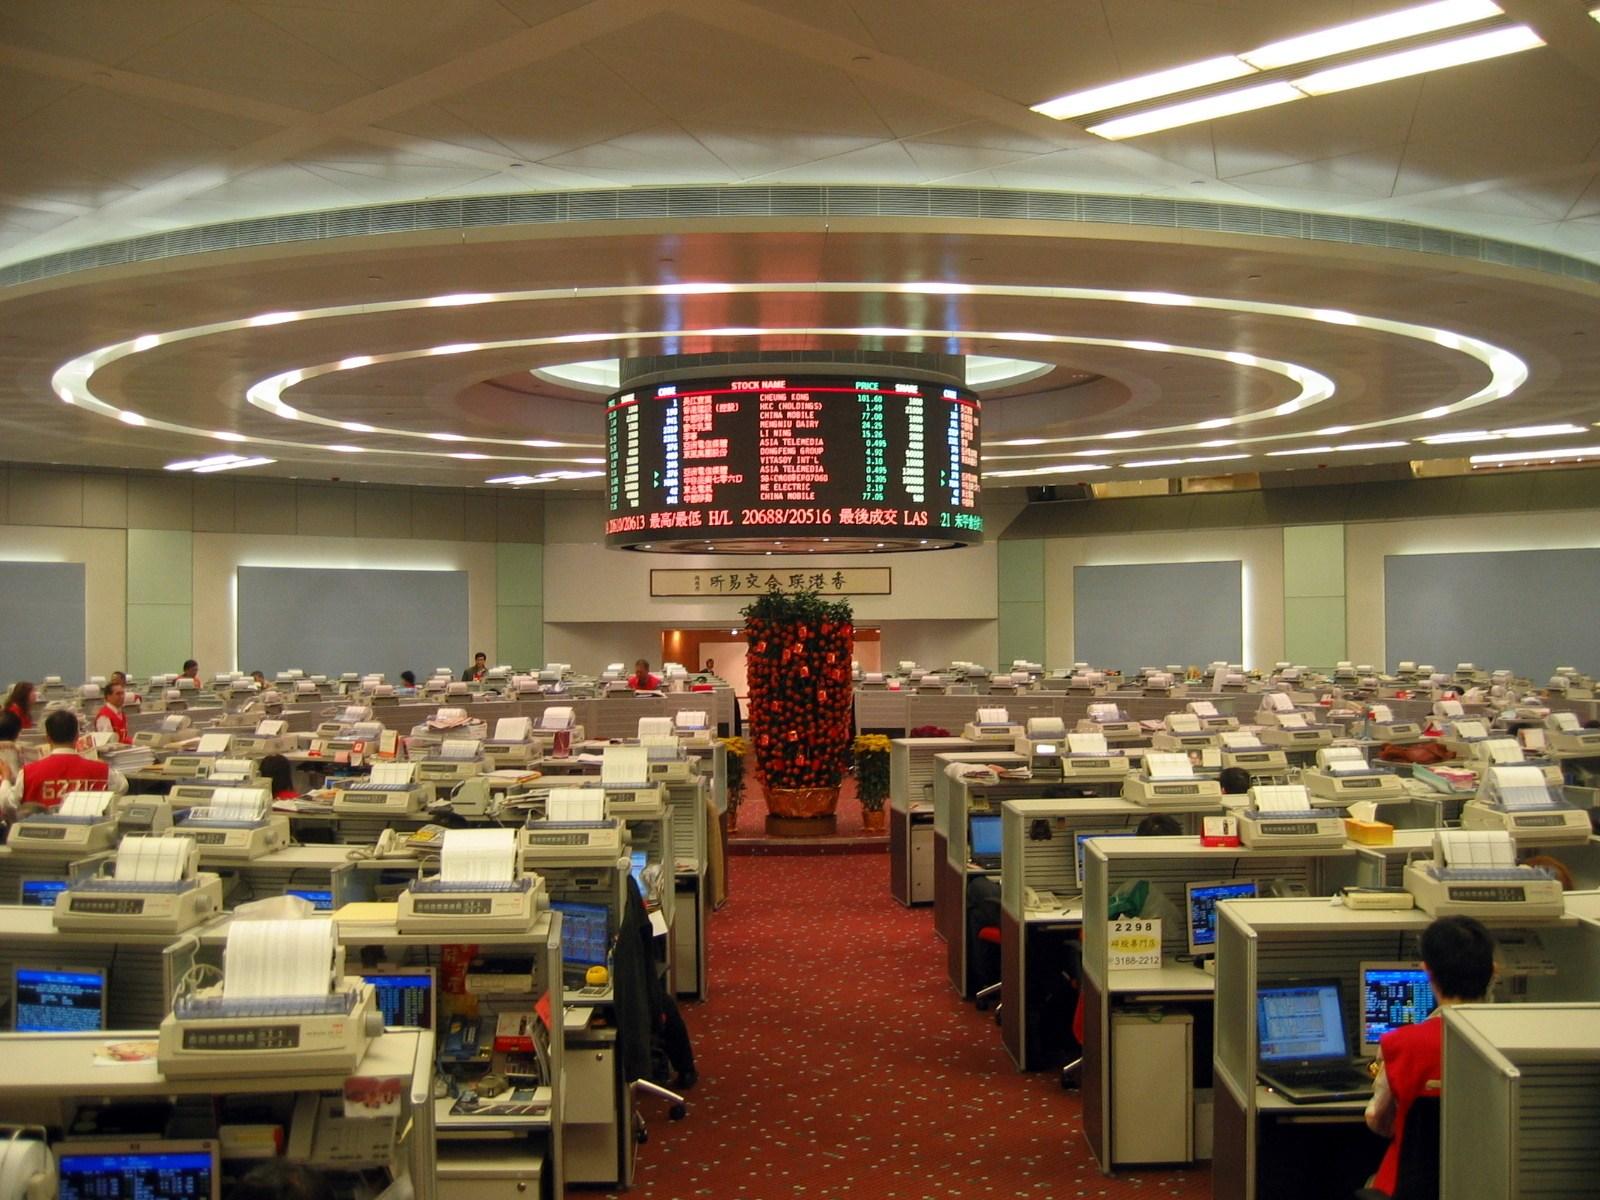 中国沪深市场股票交易时间